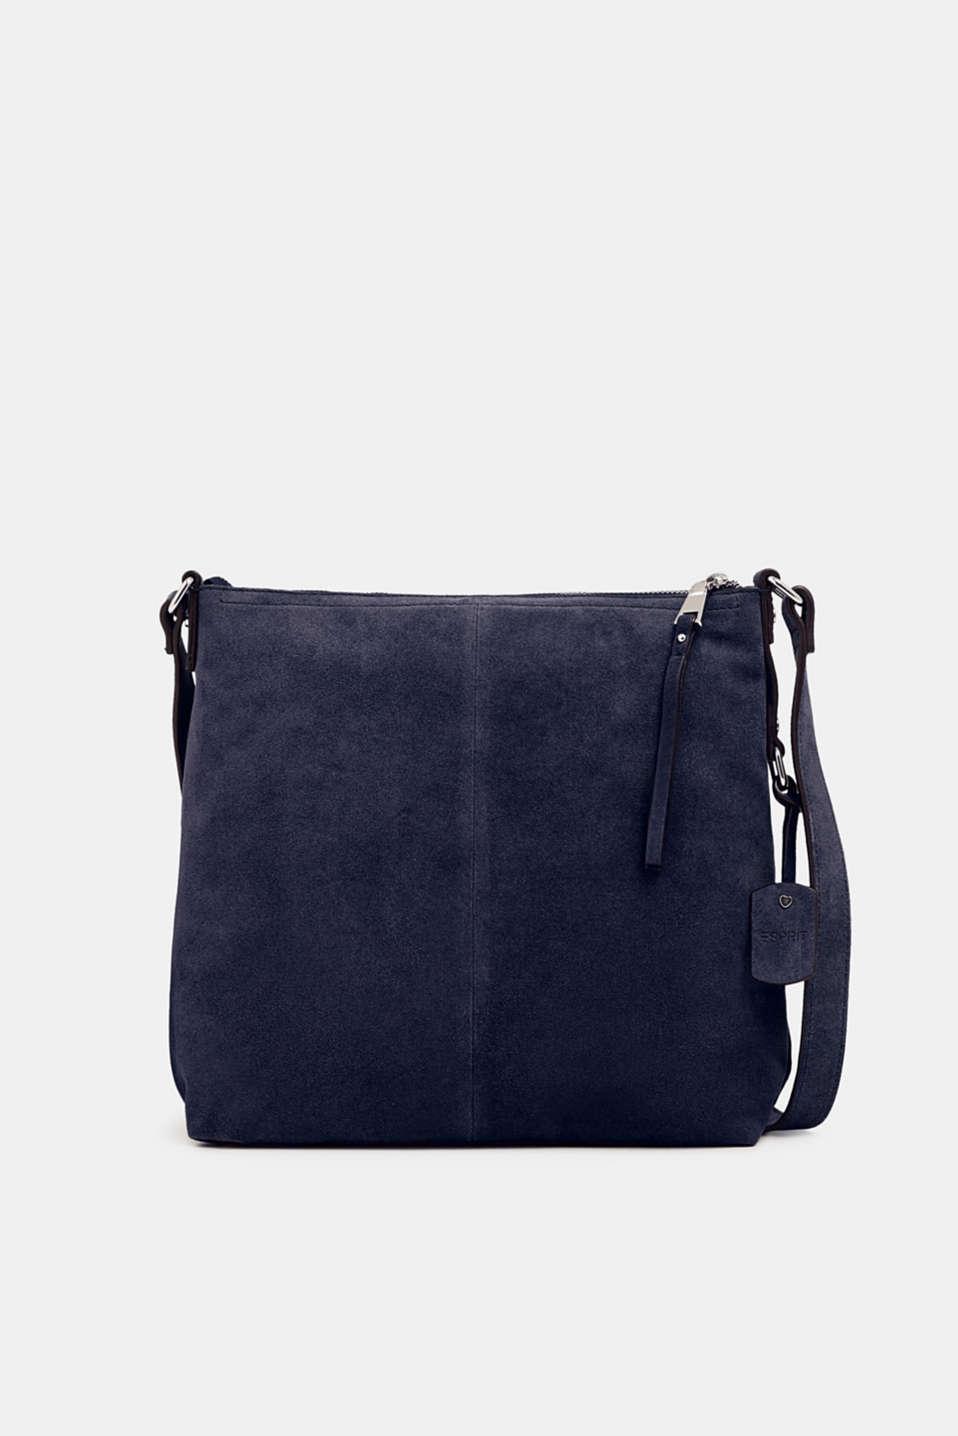 Leather shoulder bag, NAVY, detail image number 0